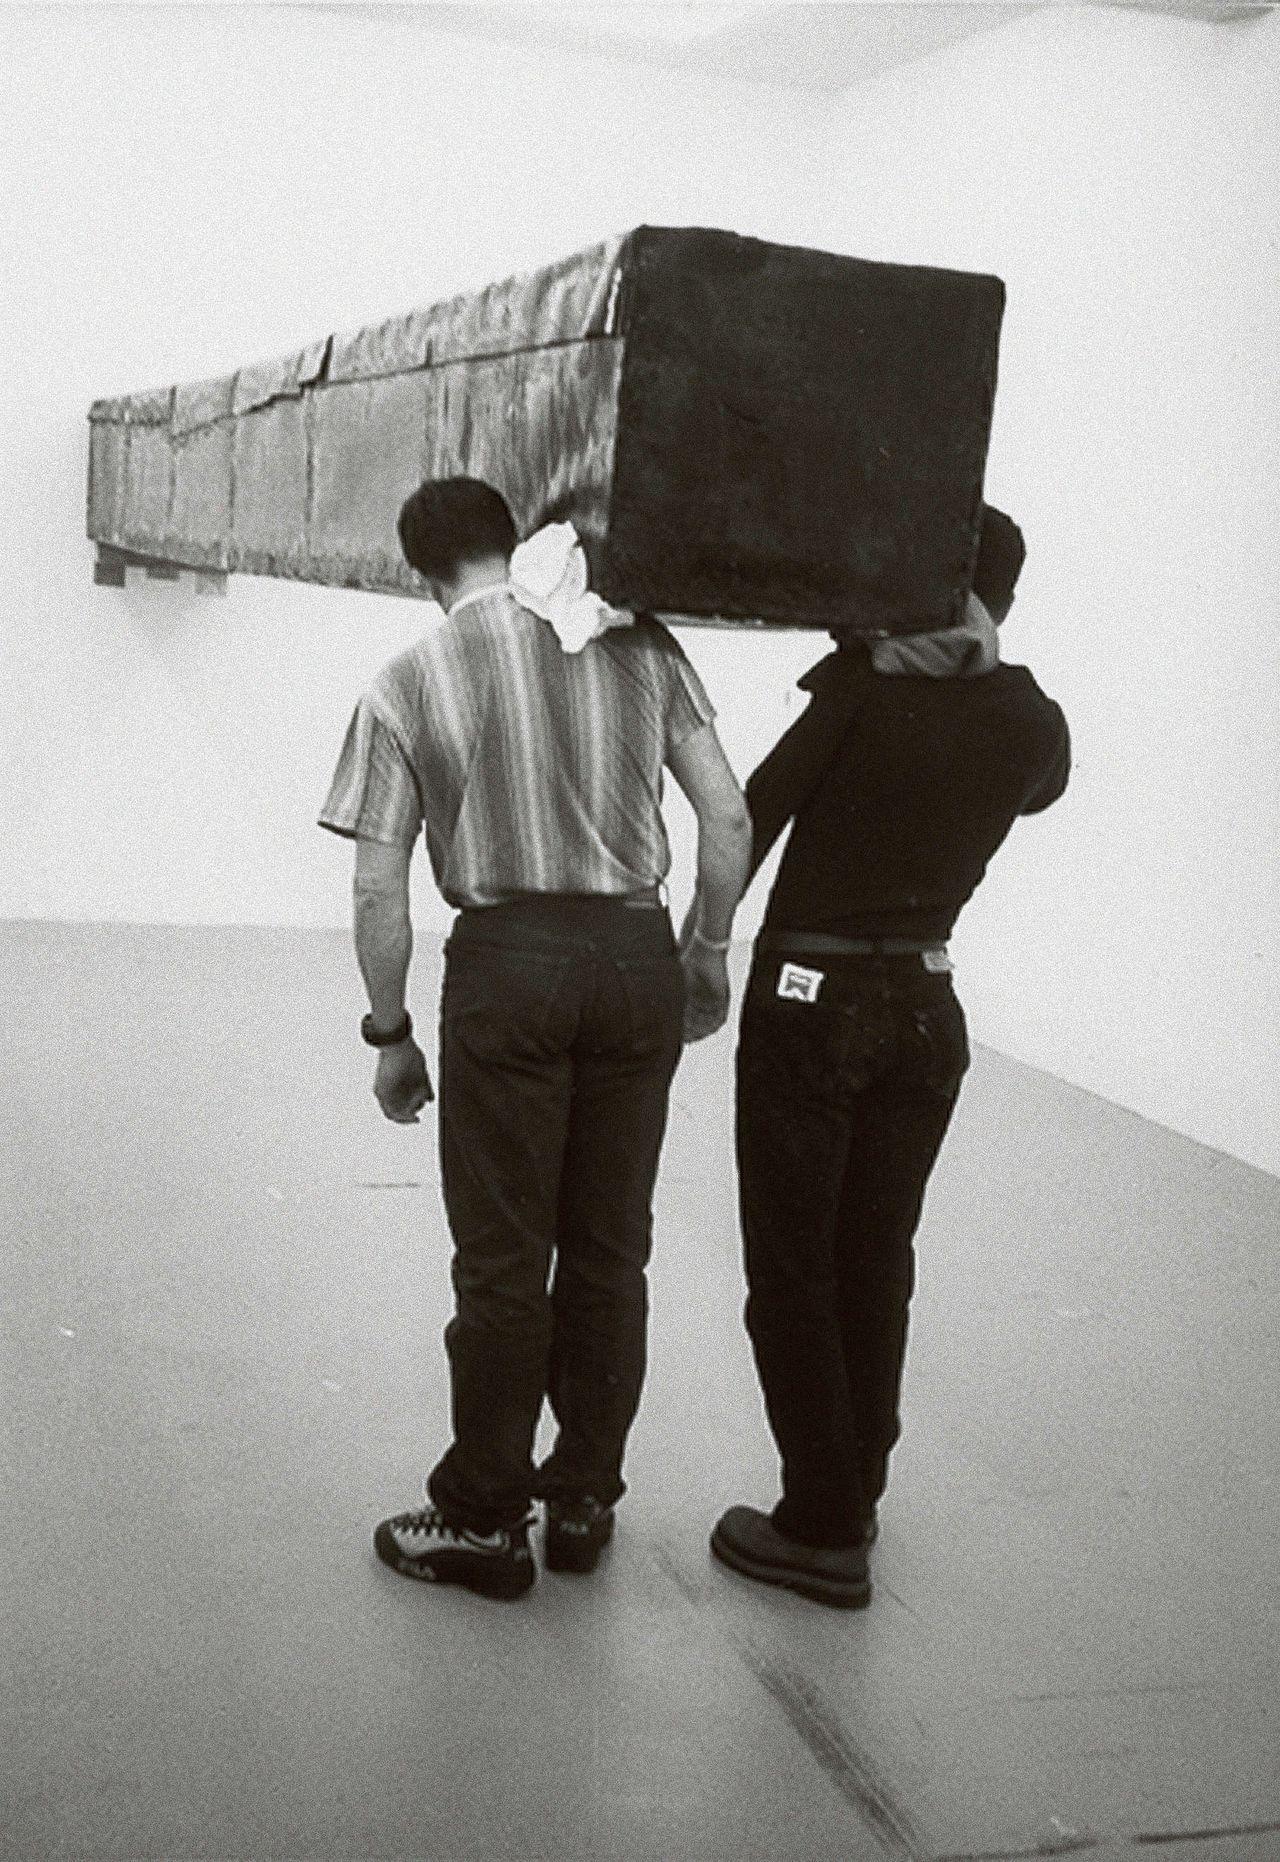 Kunstenaar Santiago Sierra zet twee immigranten in voor een hongerloon in Galerie Peter Kilchmann, april 2001.